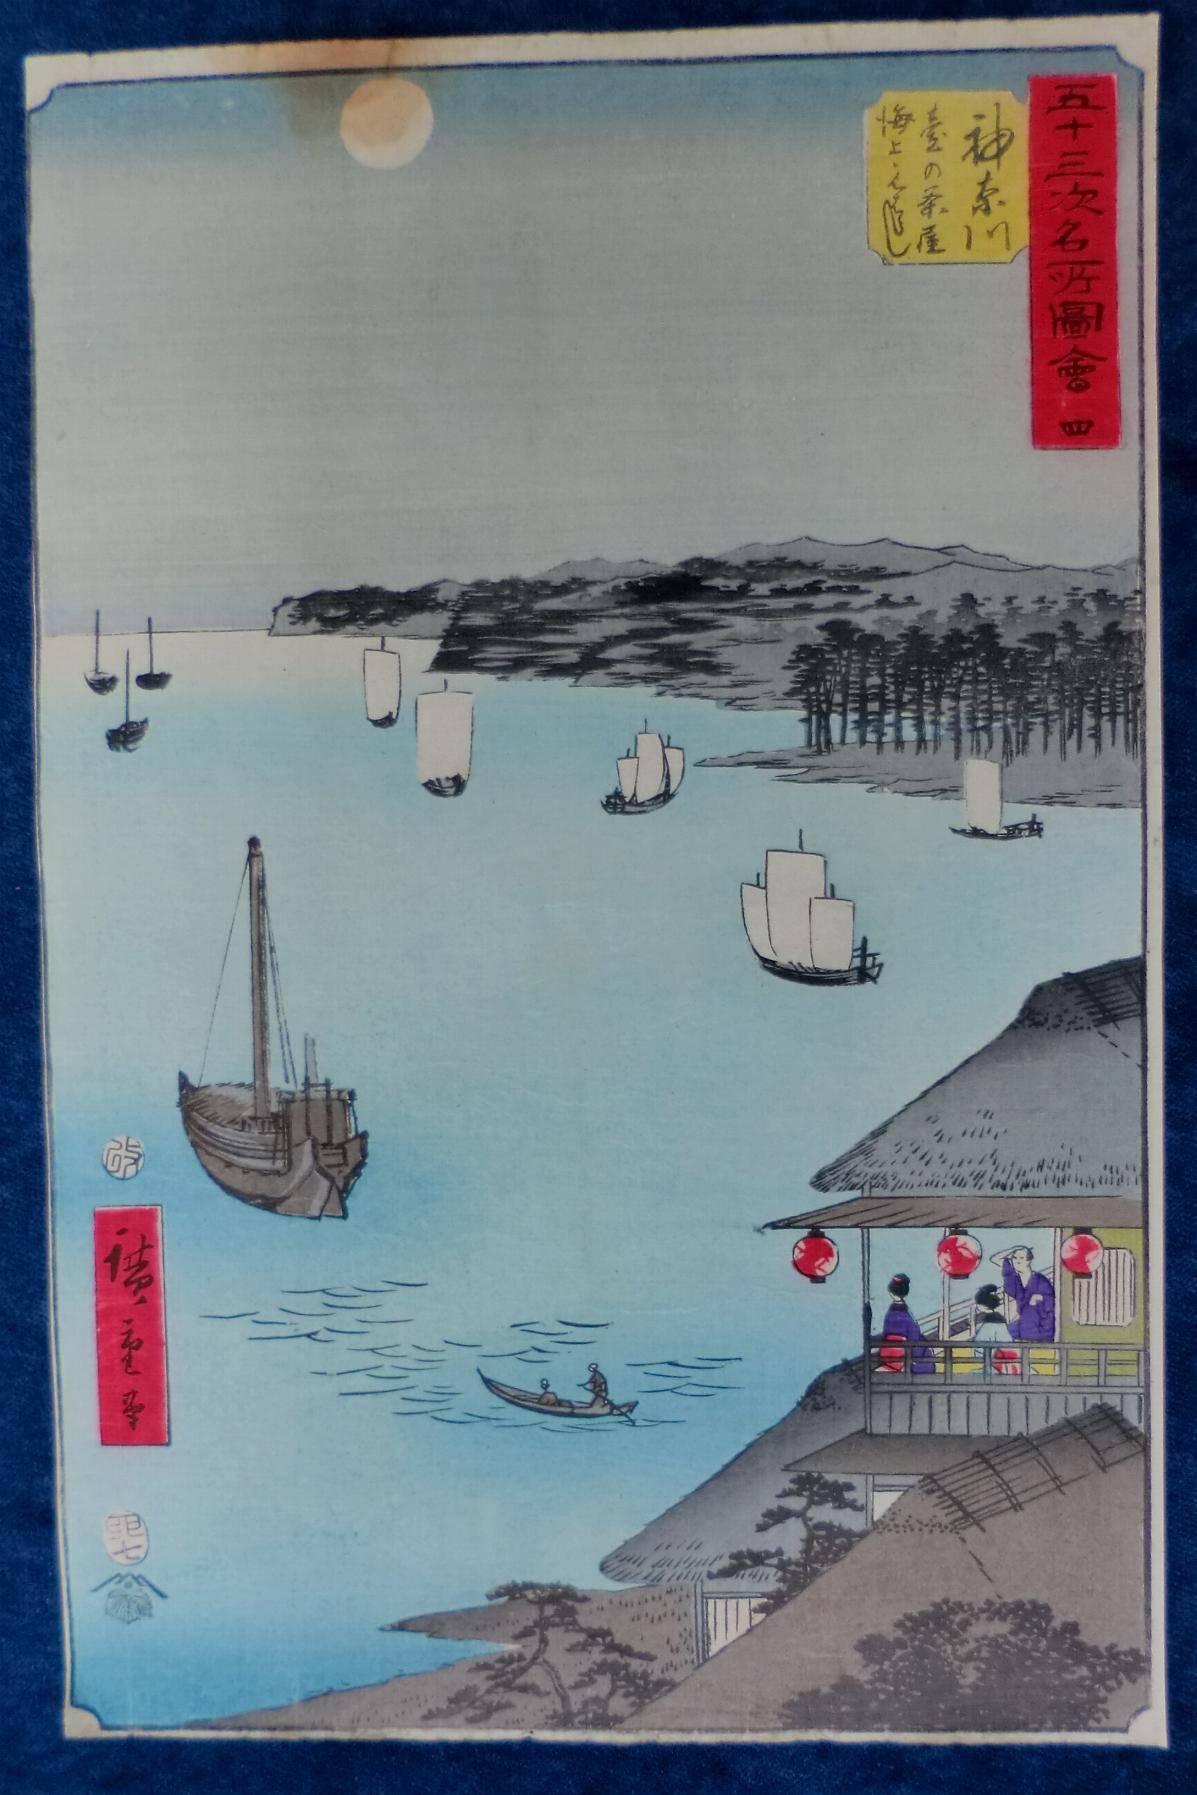 Ando Hiroshige: #P3589 KANGAWA DATED 1855